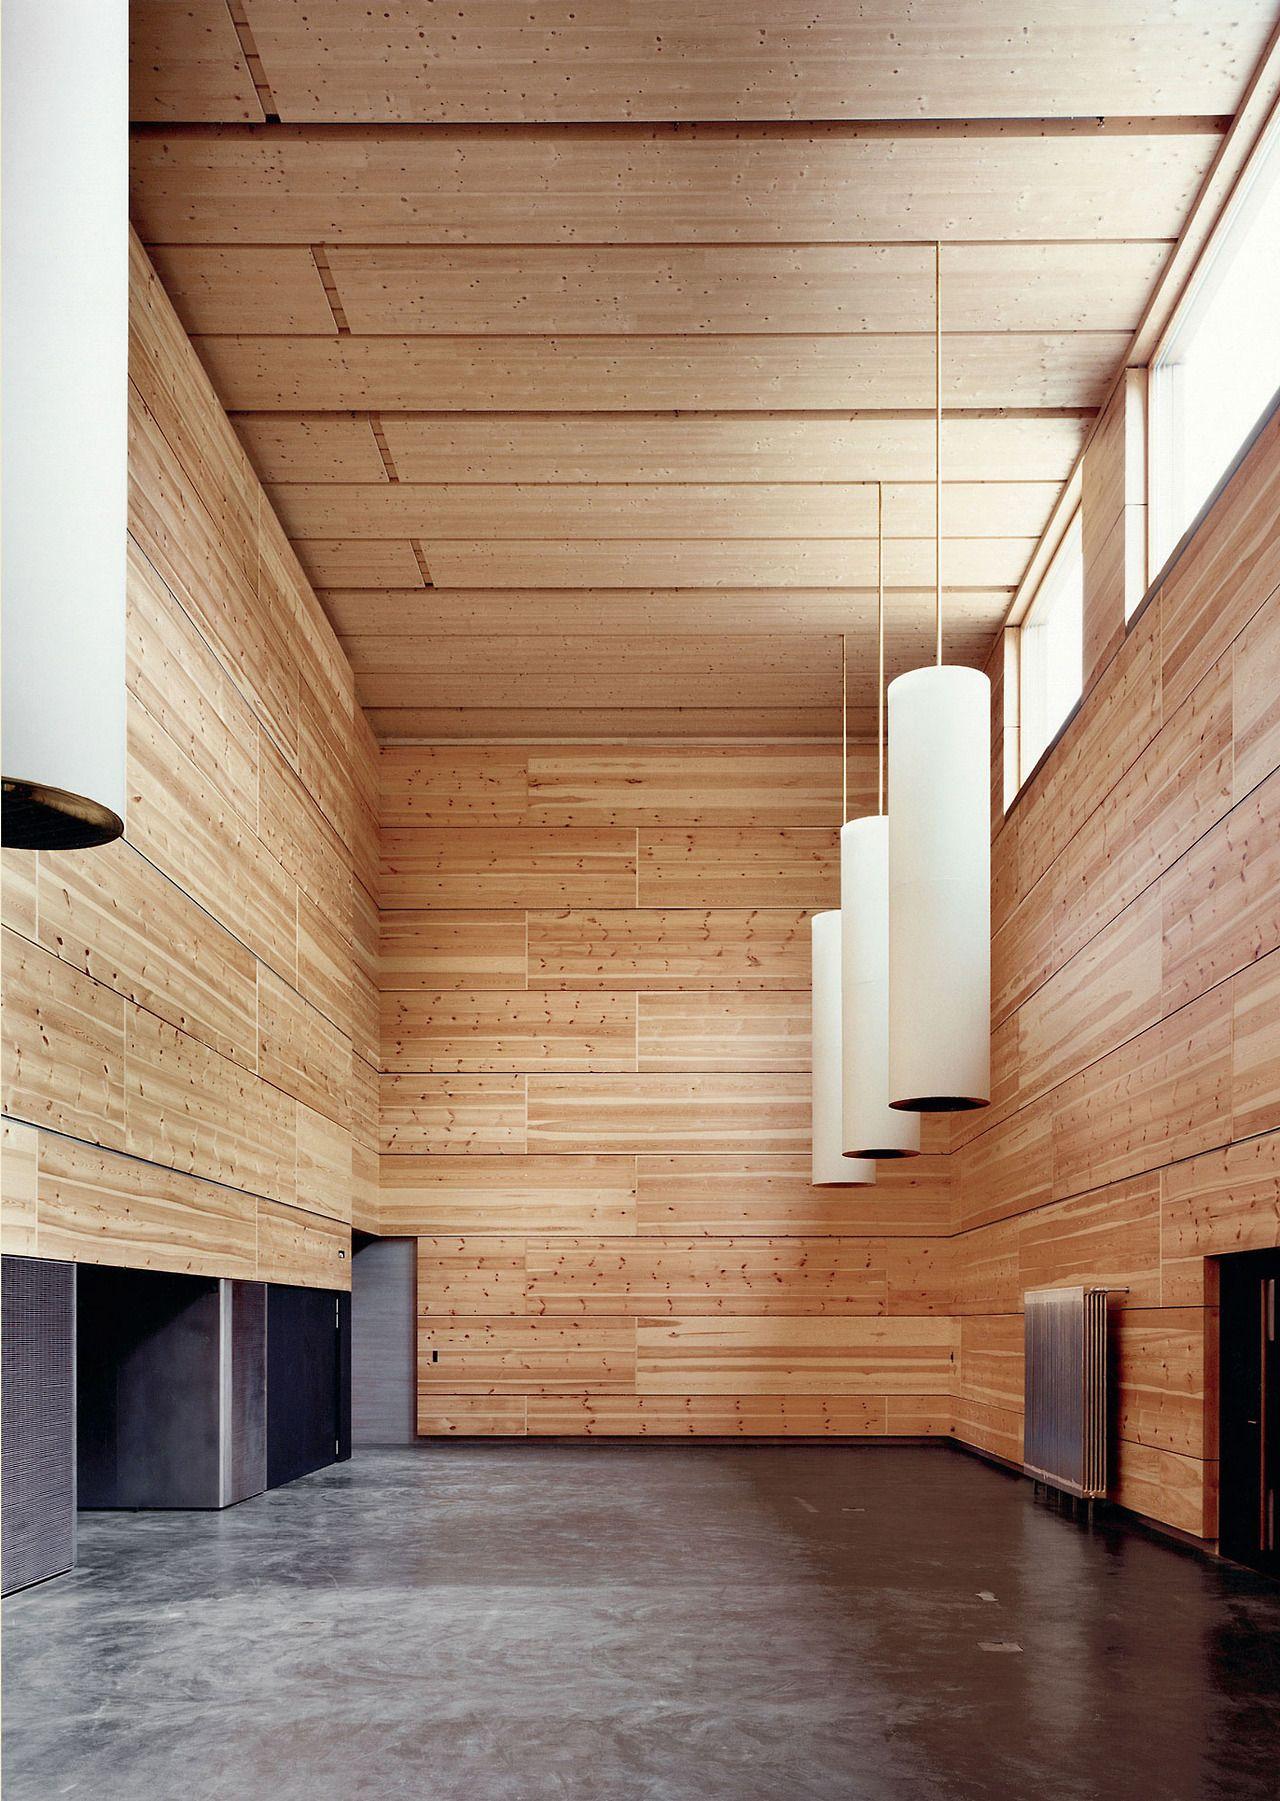 School Of Timber Engineering, Biel 1999